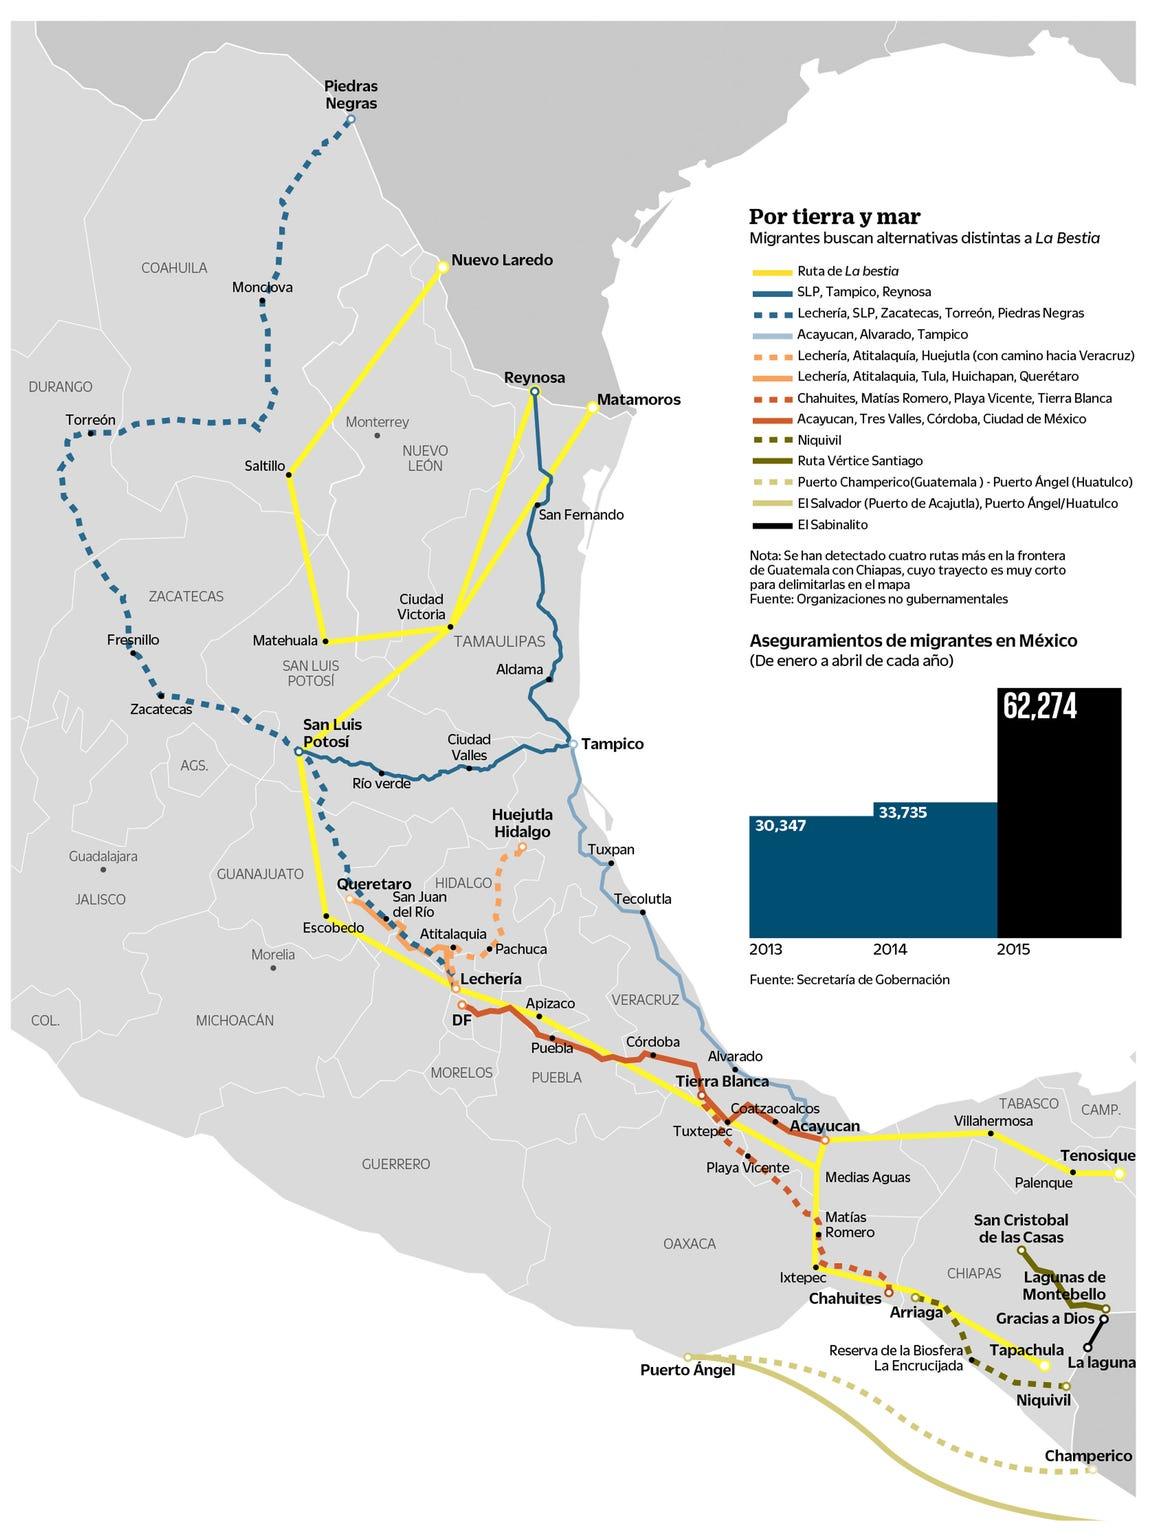 Mapa ruta del migrante.